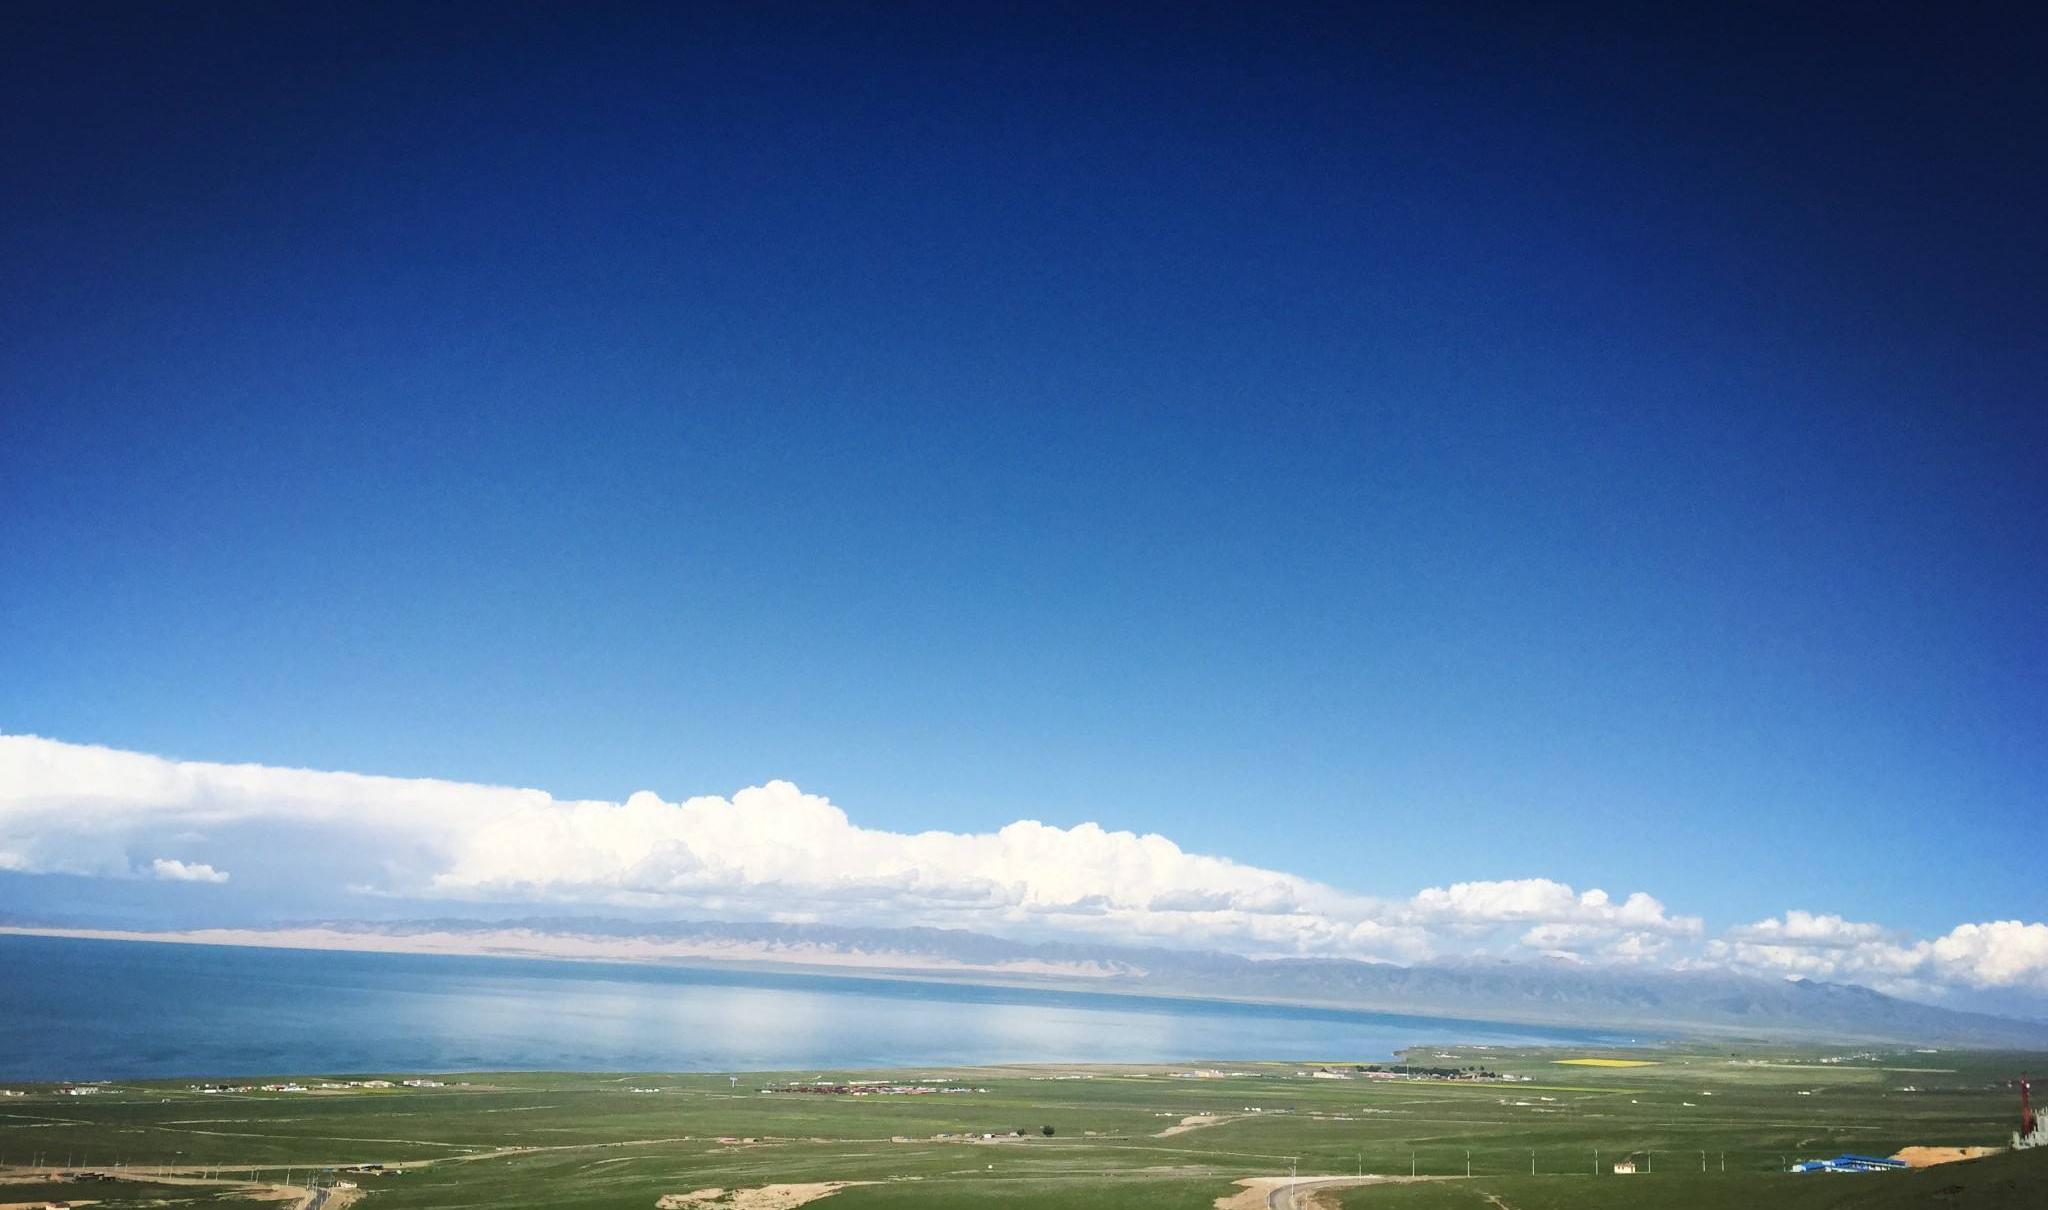 青海湖、敦煌莫高窟、鸣沙山月牙泉、嘉峪关、张掖丹霞双飞8日深度游  (兰州往返)